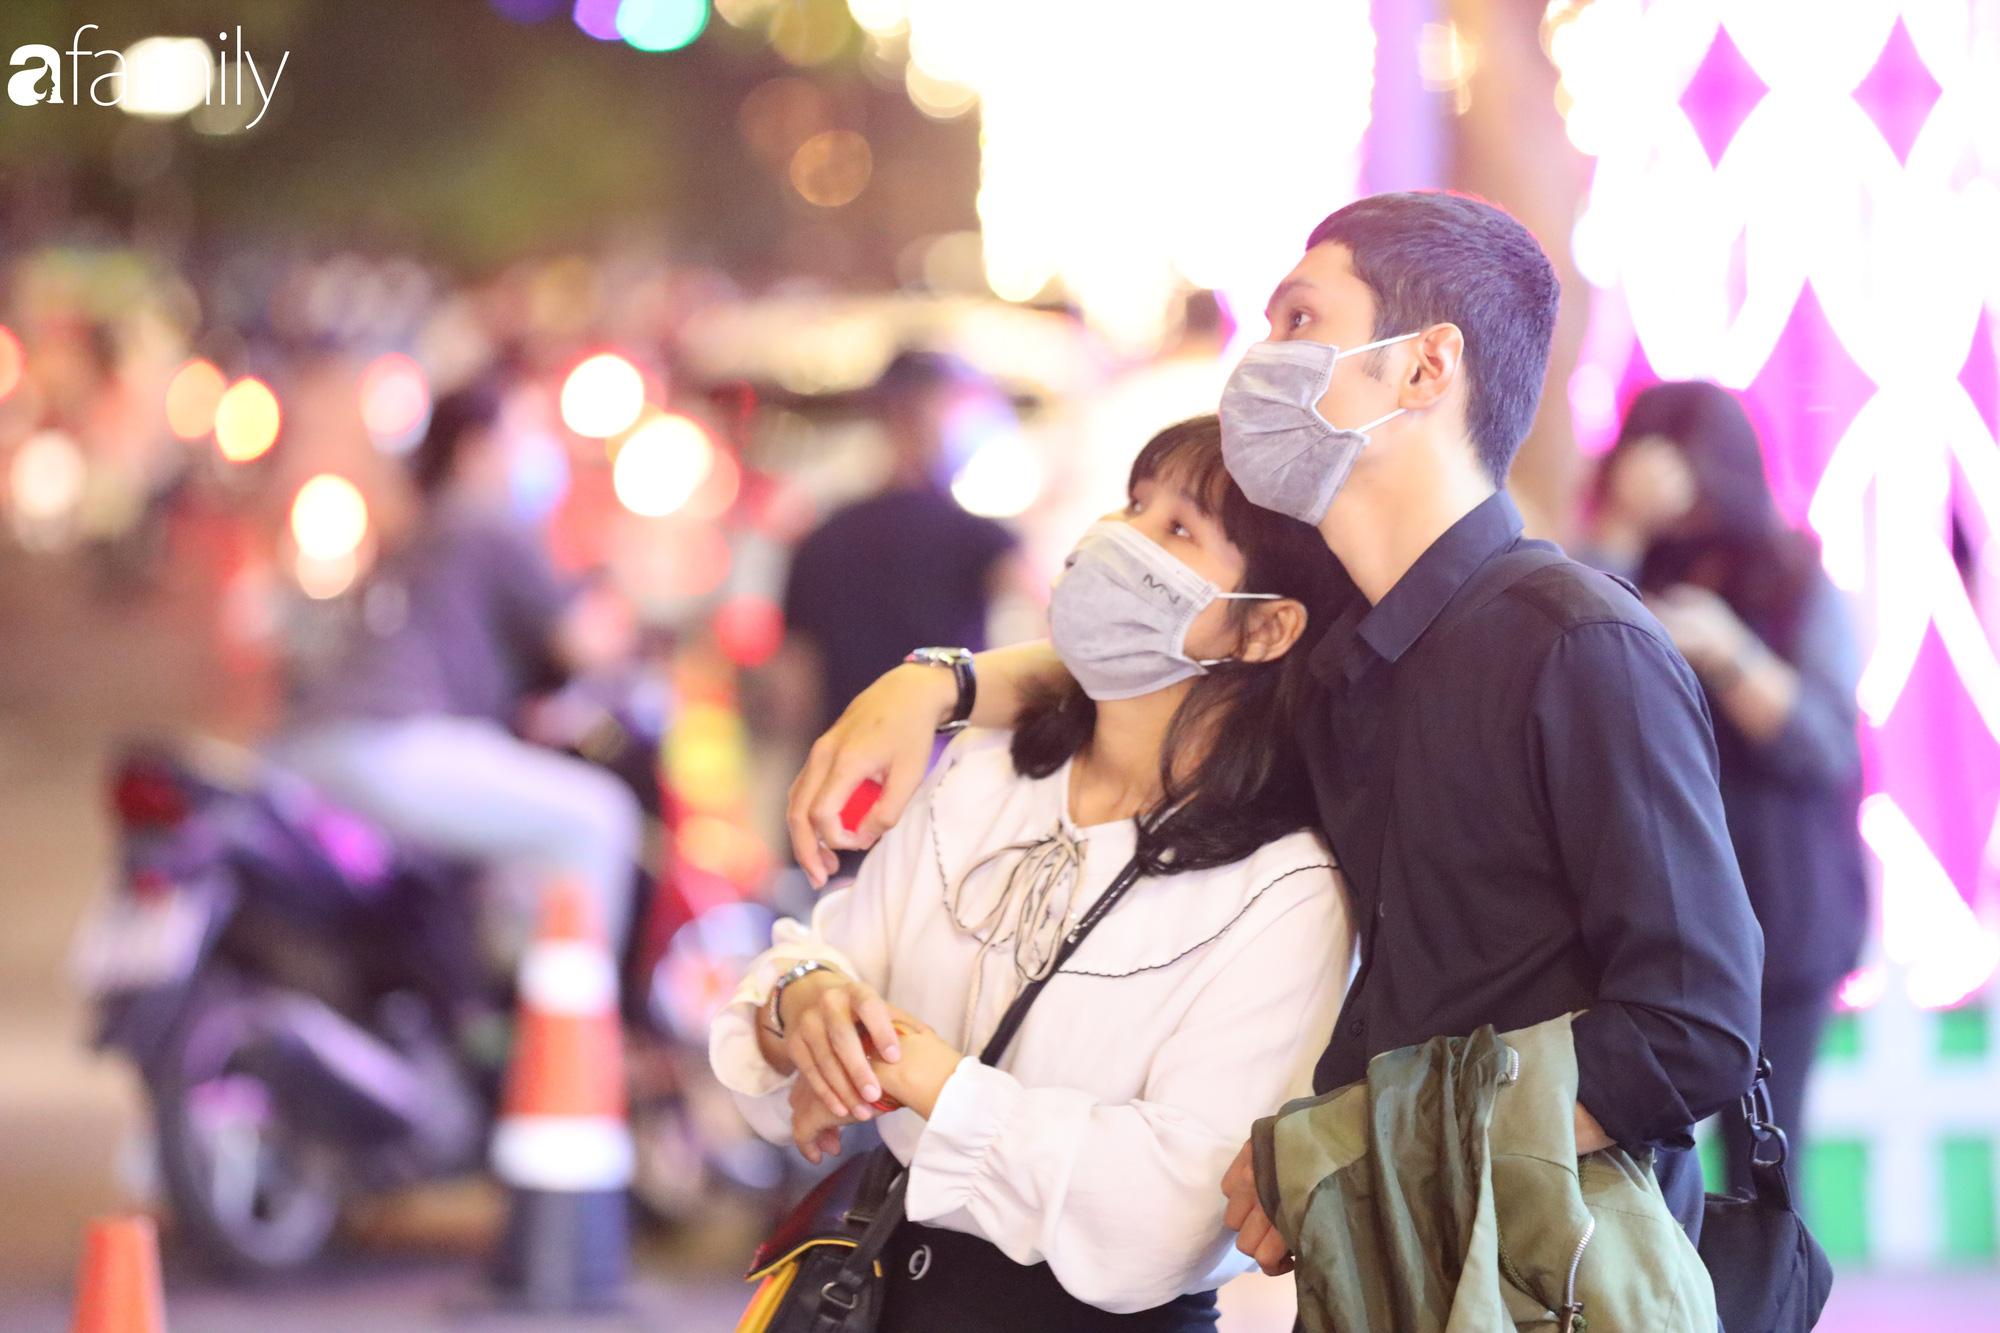 Valentine Hà Nội - Sài Gòn vắng vẻ đìu hiu vì dịch Corona, từ trung tâm thương mại đến phố phường đều ít bóng tình nhân đi chơi - Ảnh 11.